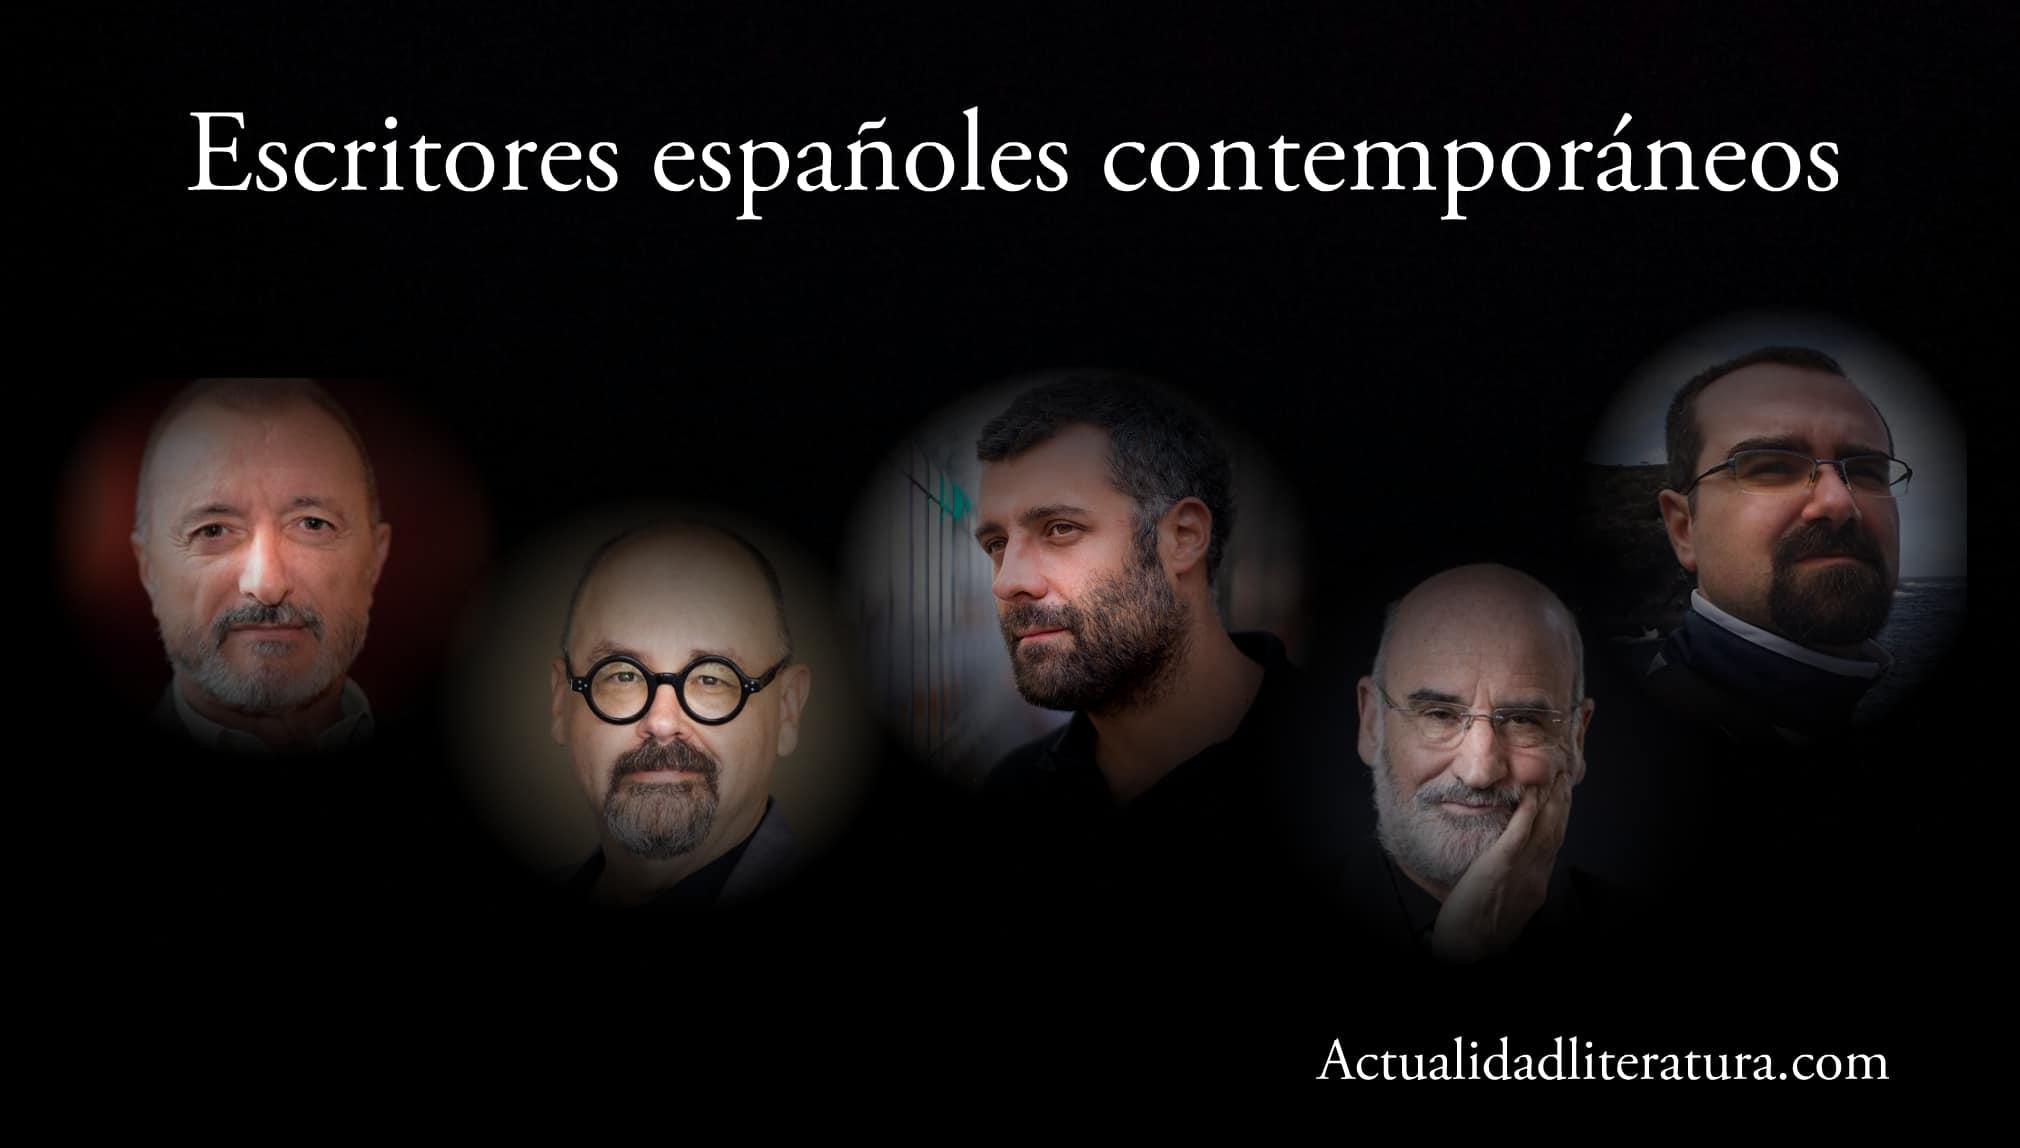 Escritores españoles contemporaneos